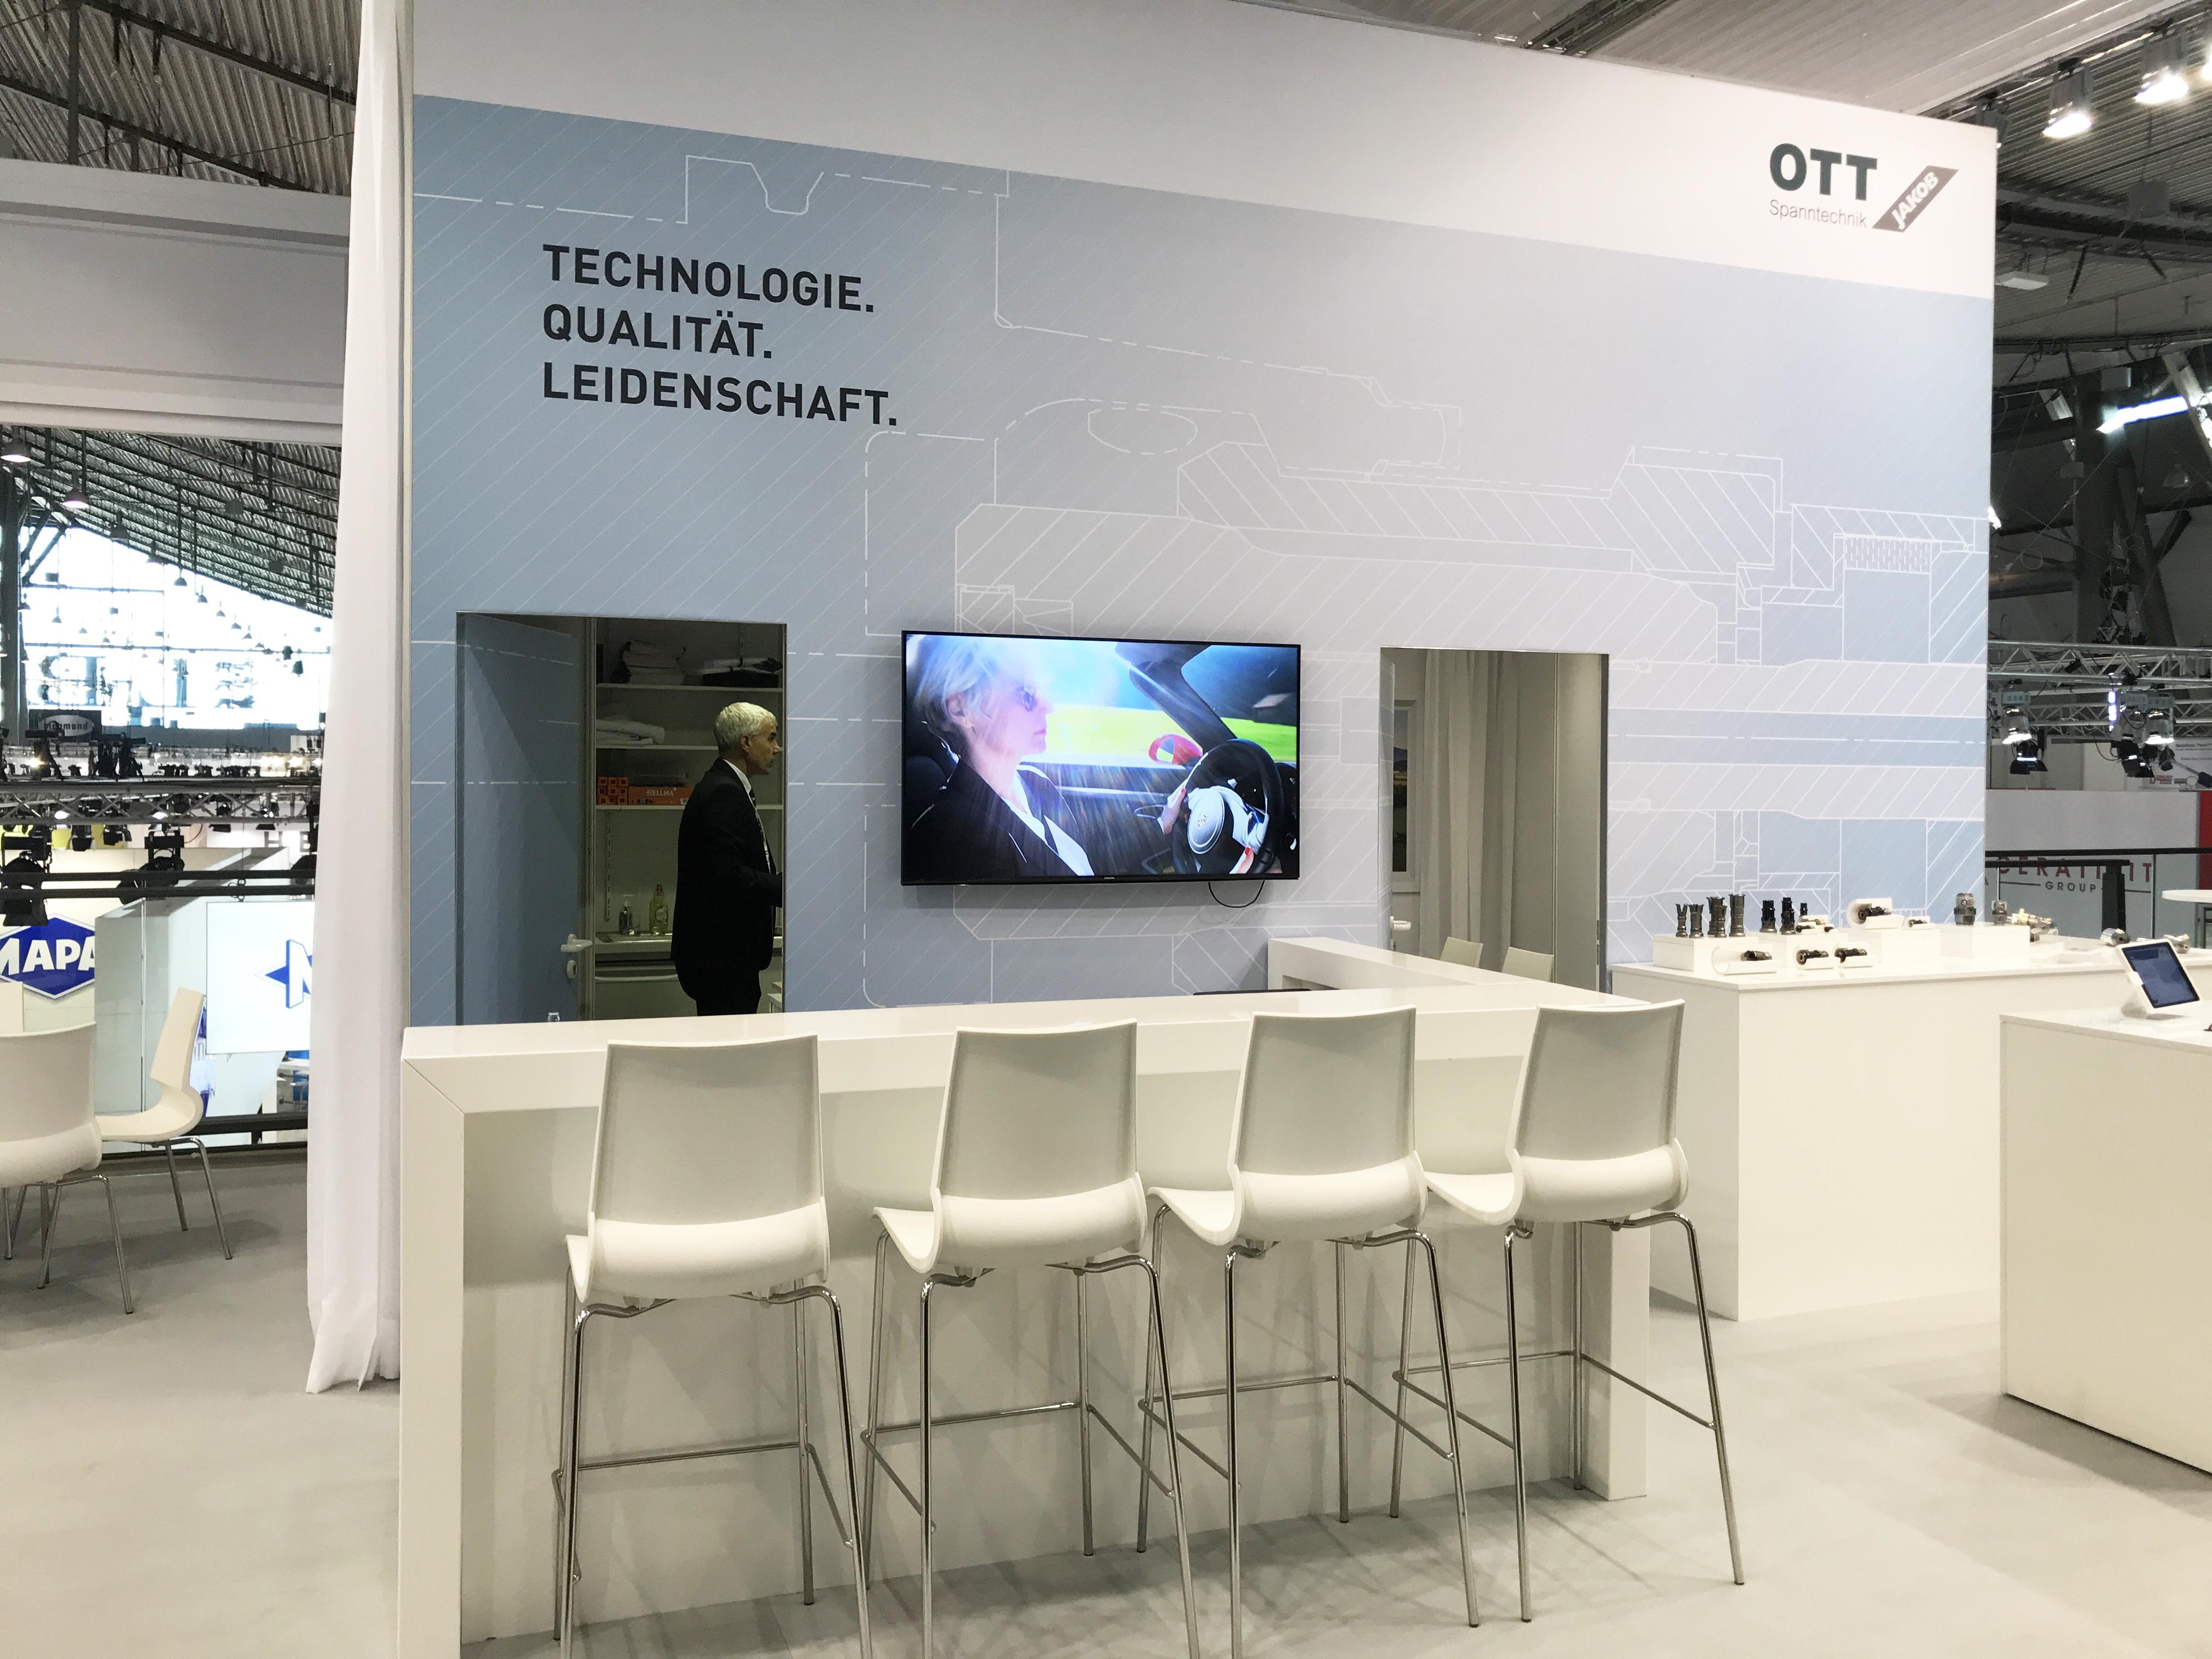 Ott Jakob - Unternehmen - Bild - OTT-JAKOB auf der AMB 2018